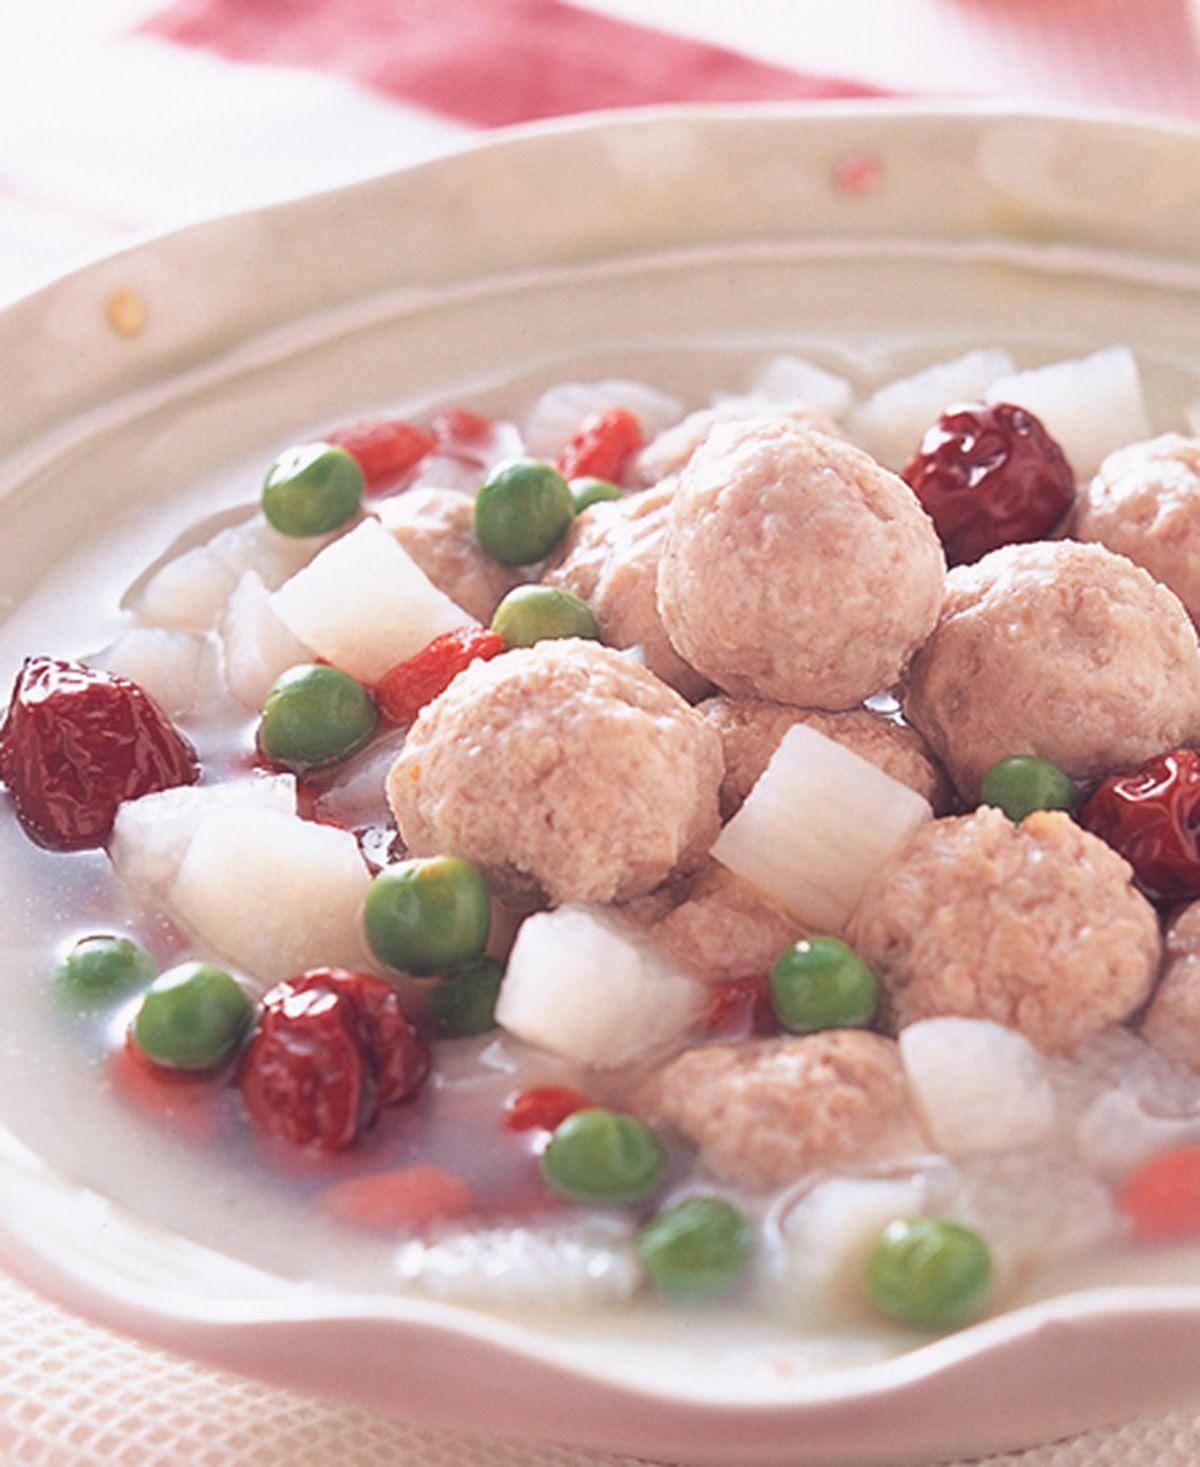 食譜:淮山枸杞燴肉丸